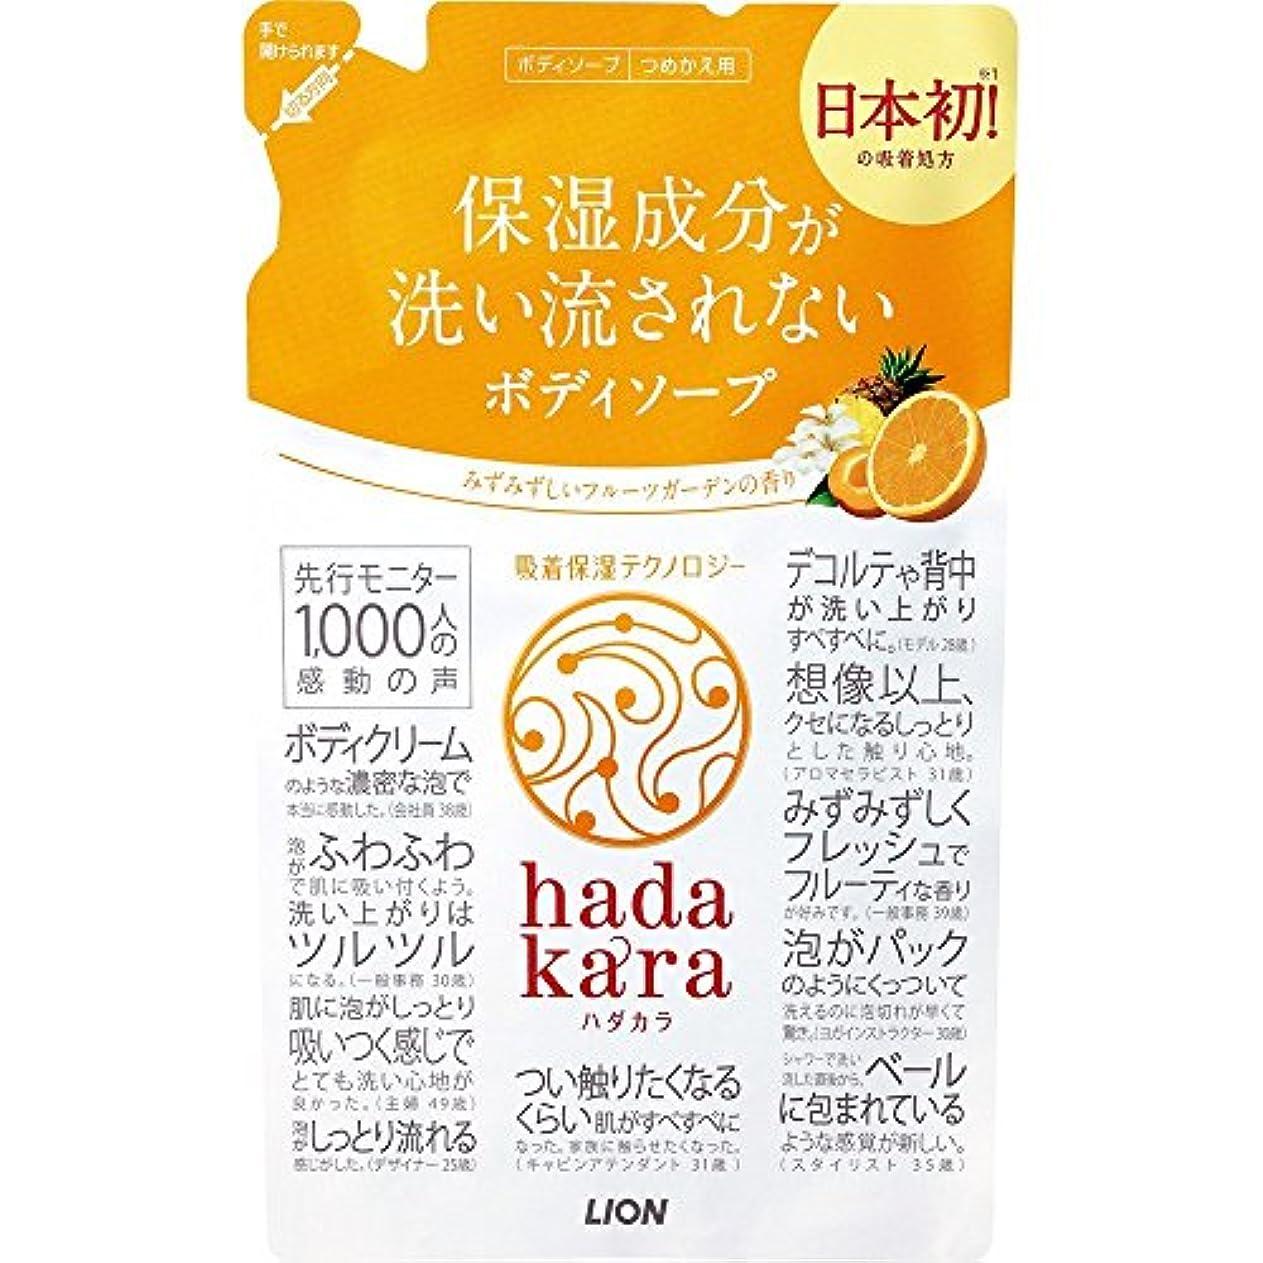 ビーチスロー階層hadakara(ハダカラ) ボディソープ フルーツガーデンの香り 詰め替え 360ml